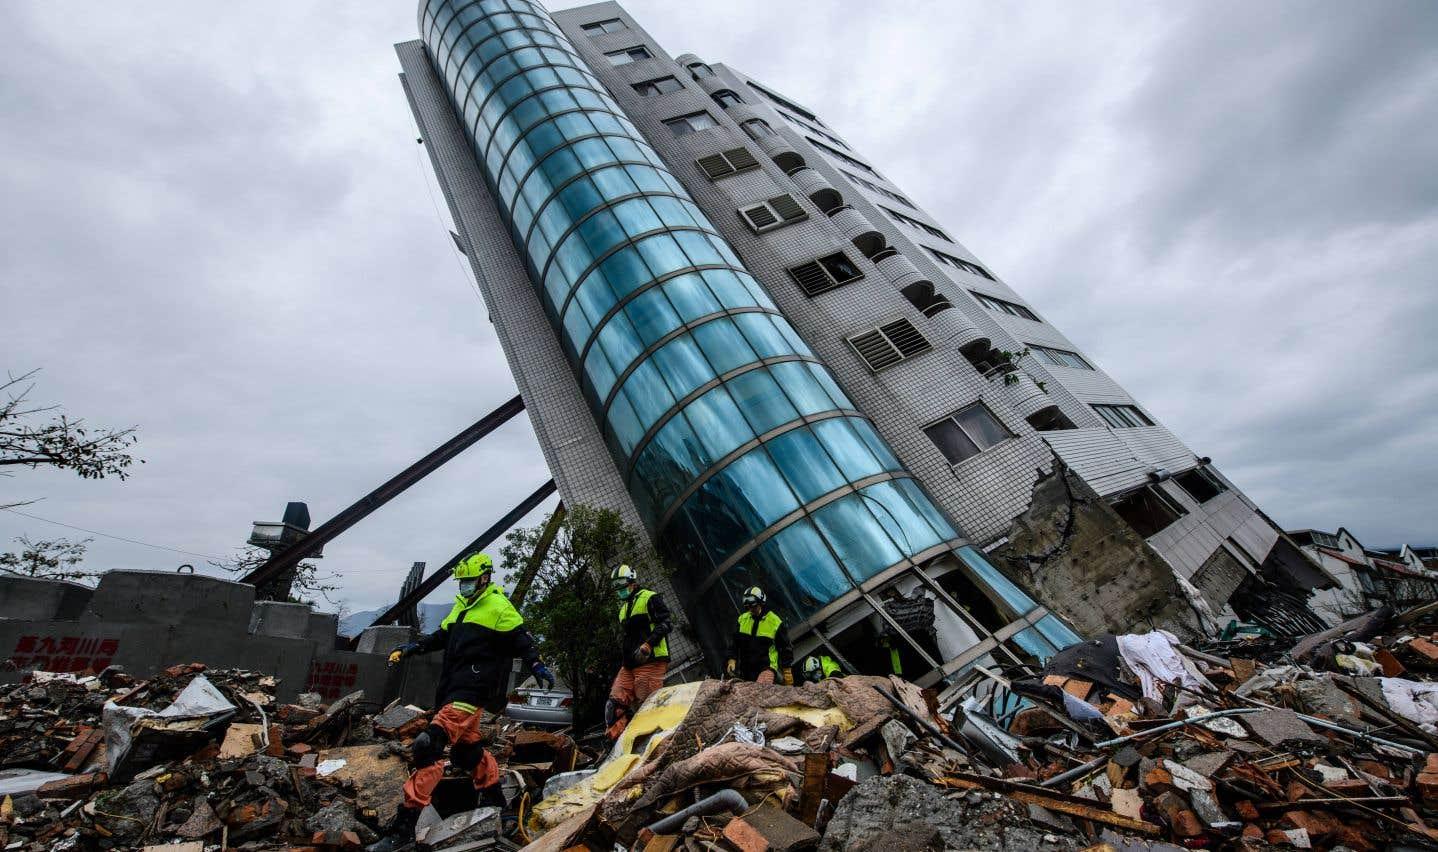 Les étages inférieurs d'un complexe résidentiel se sont écroulés, laissant la structure inclinée à 50 degrés et menaçant de s'effondrer à tout moment.